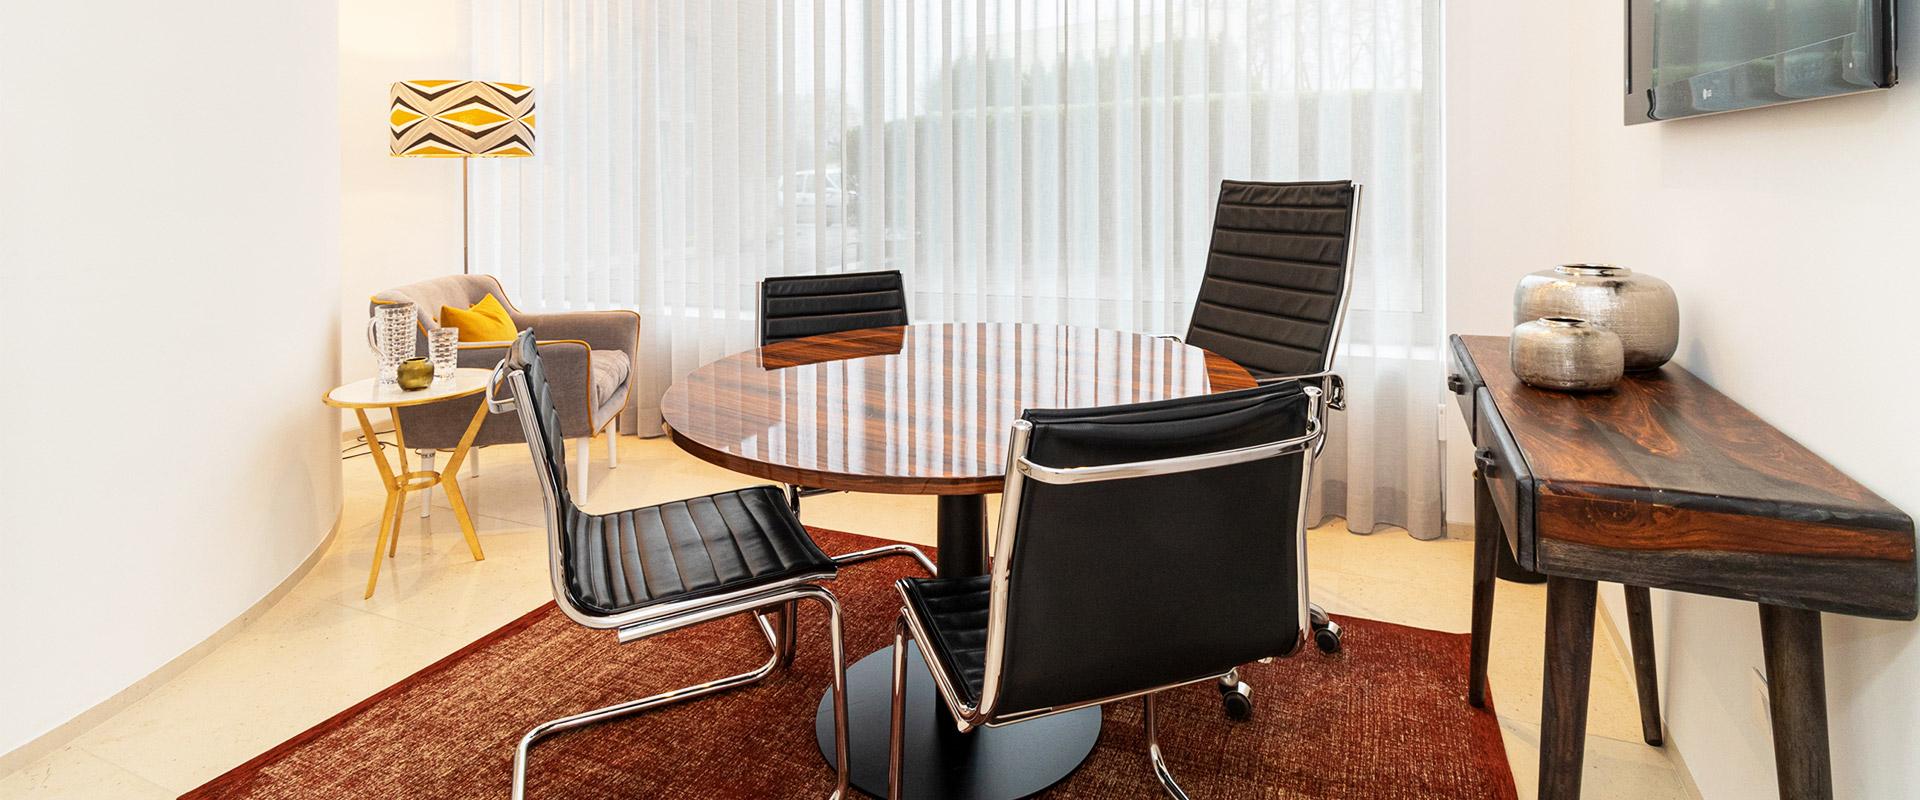 vista de sala de escritório, sala de reunião decorada